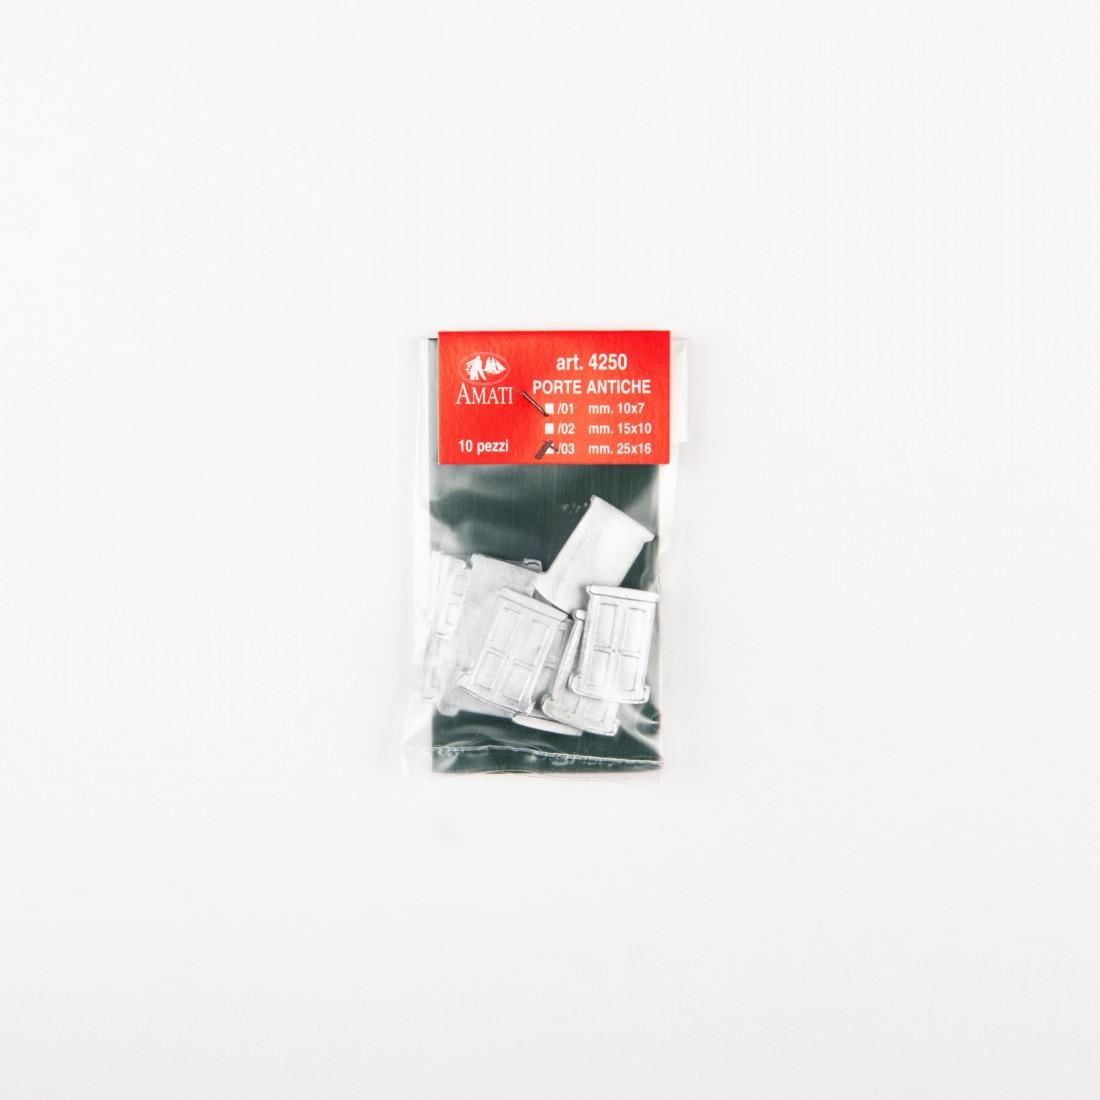 Porte antiche mm.25x16